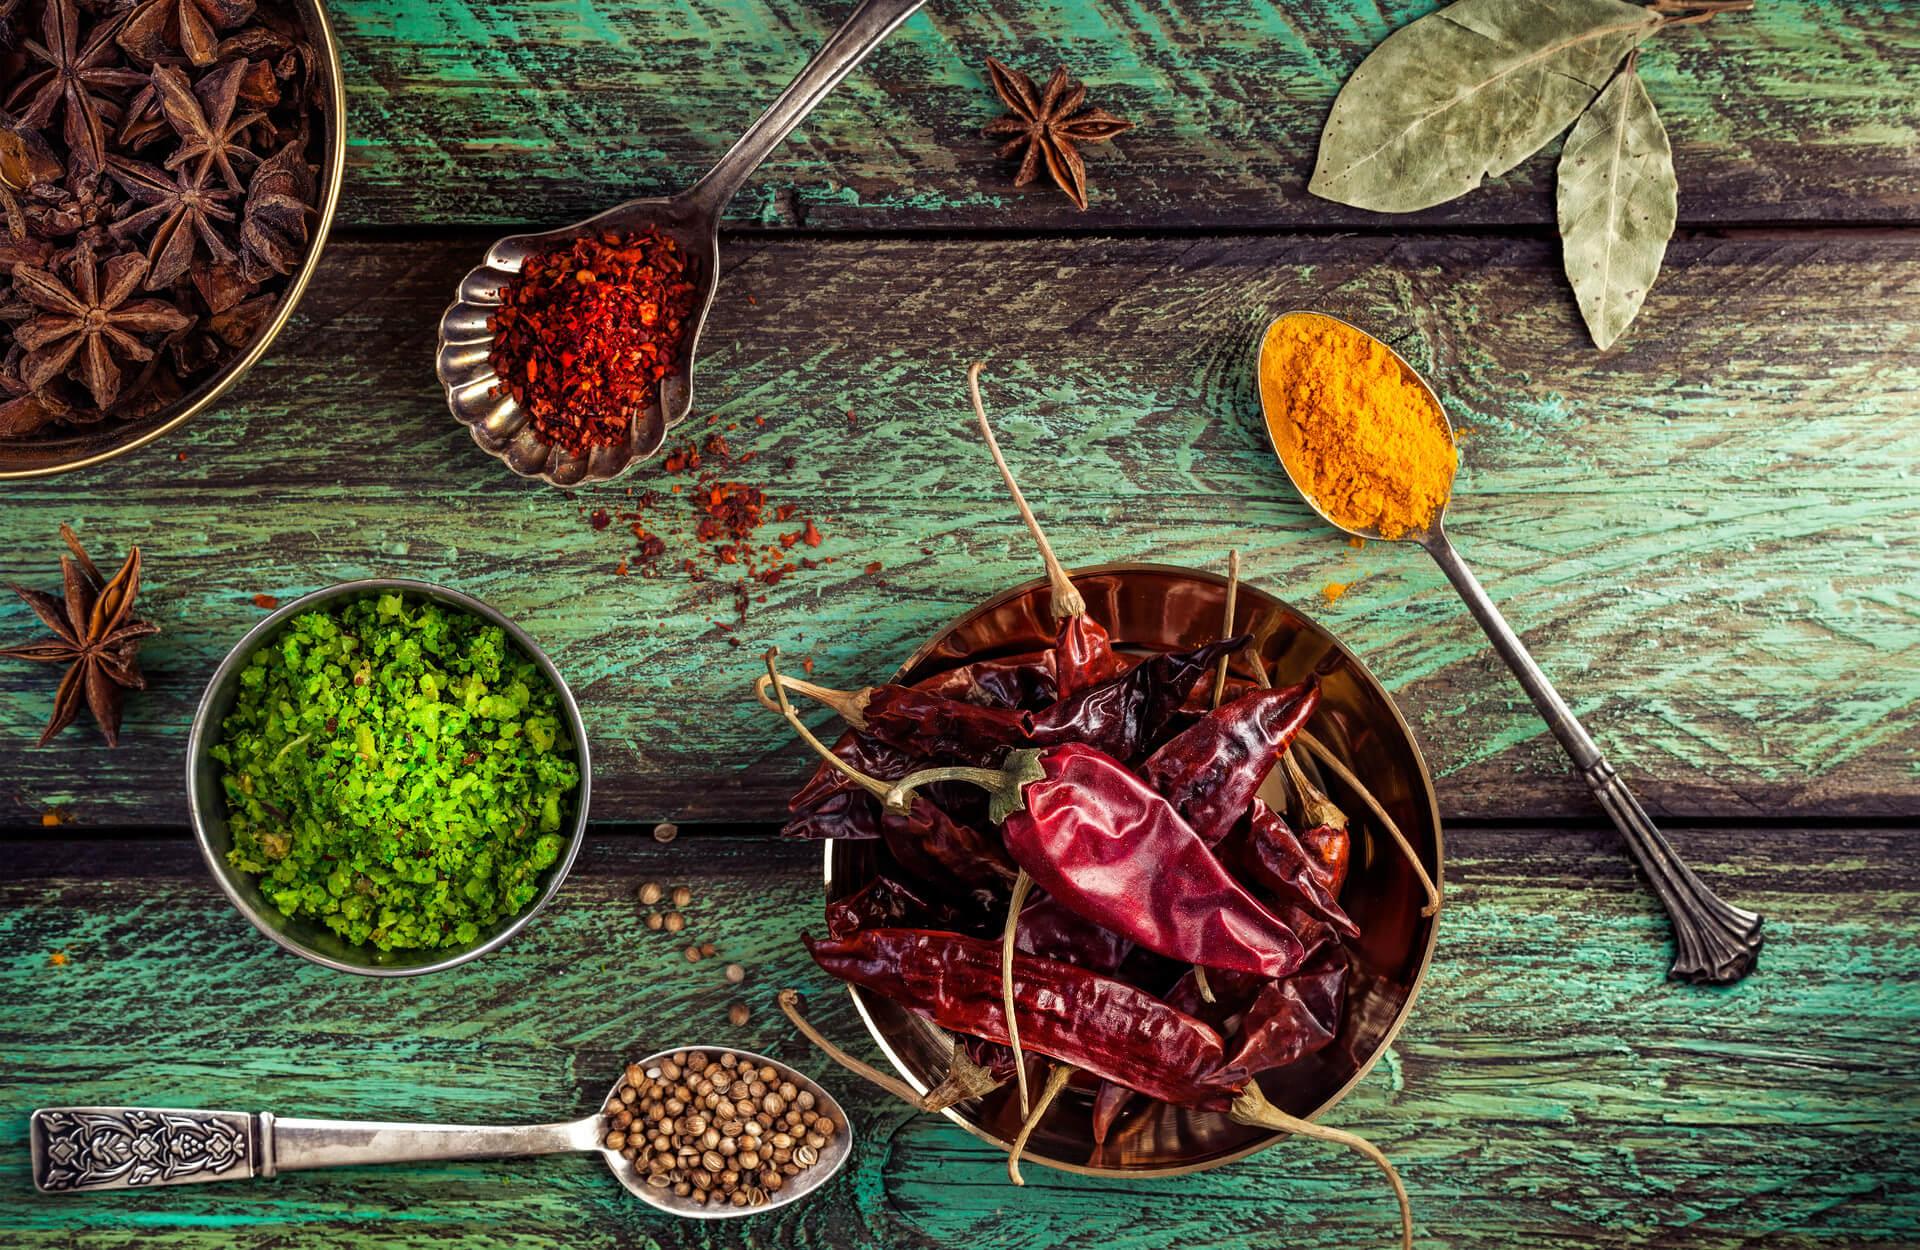 Wie Ayurveda gesund hält, erfährst du in unserem Beitrag über die uralte indische Heilkunst.